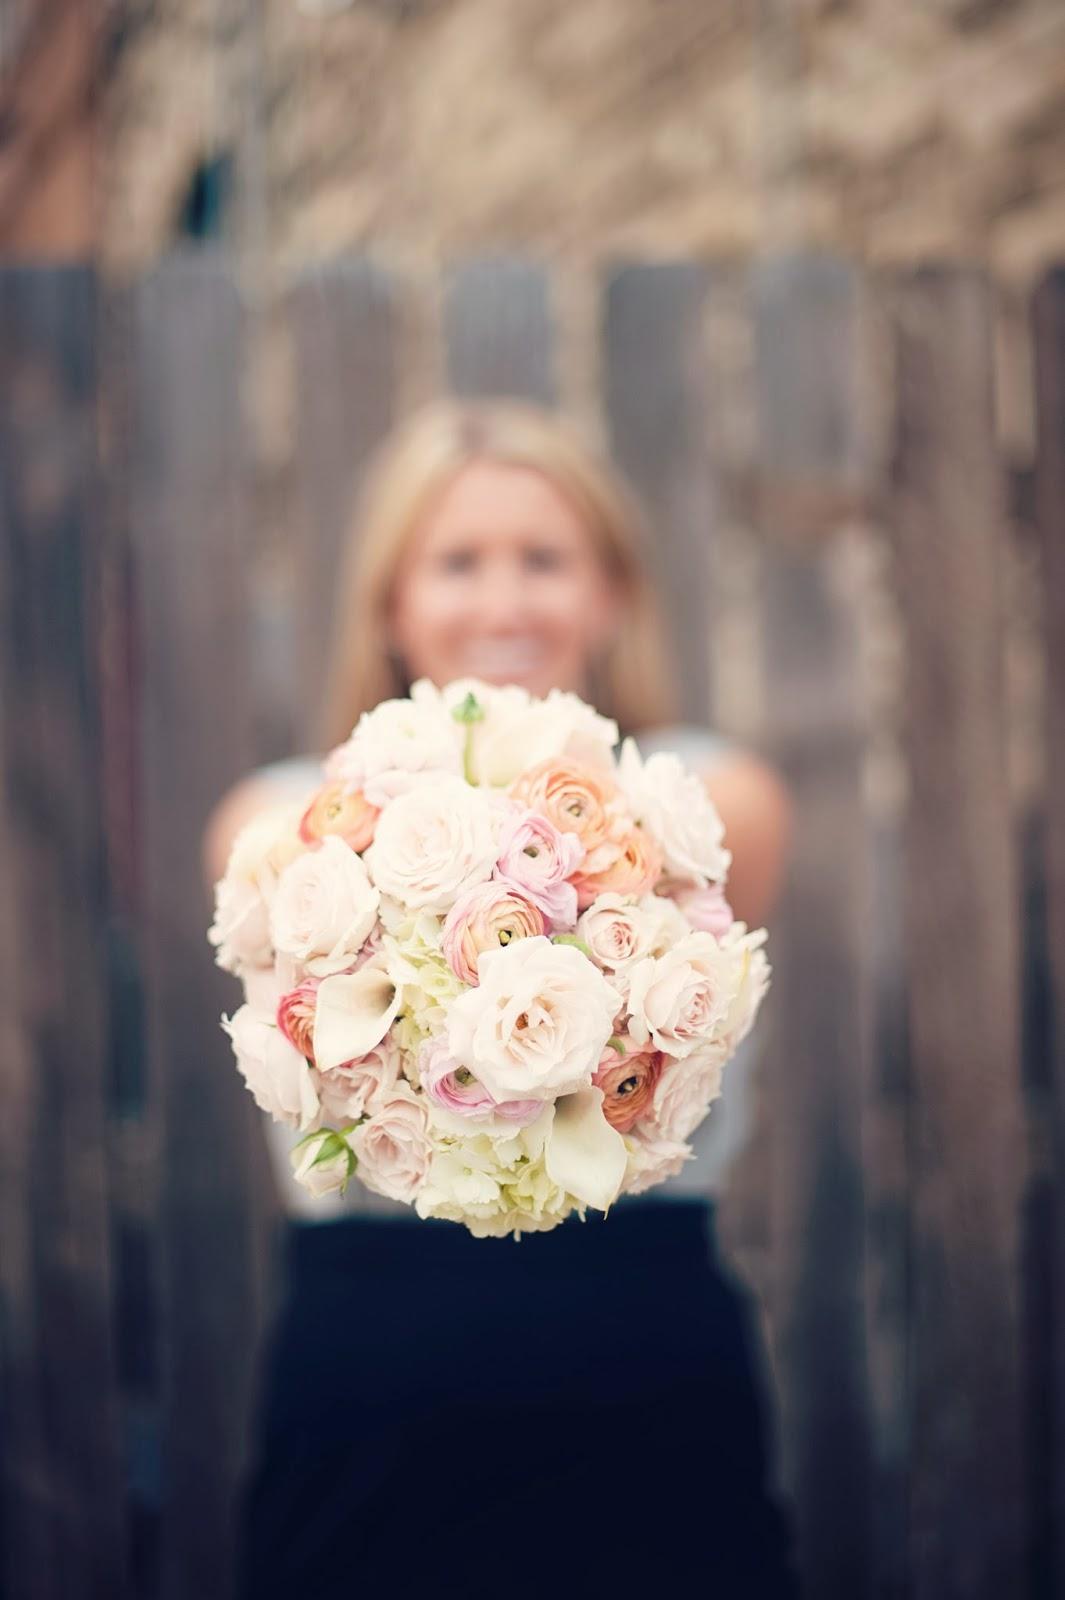 bank of flowers wedding flower checklist. Black Bedroom Furniture Sets. Home Design Ideas